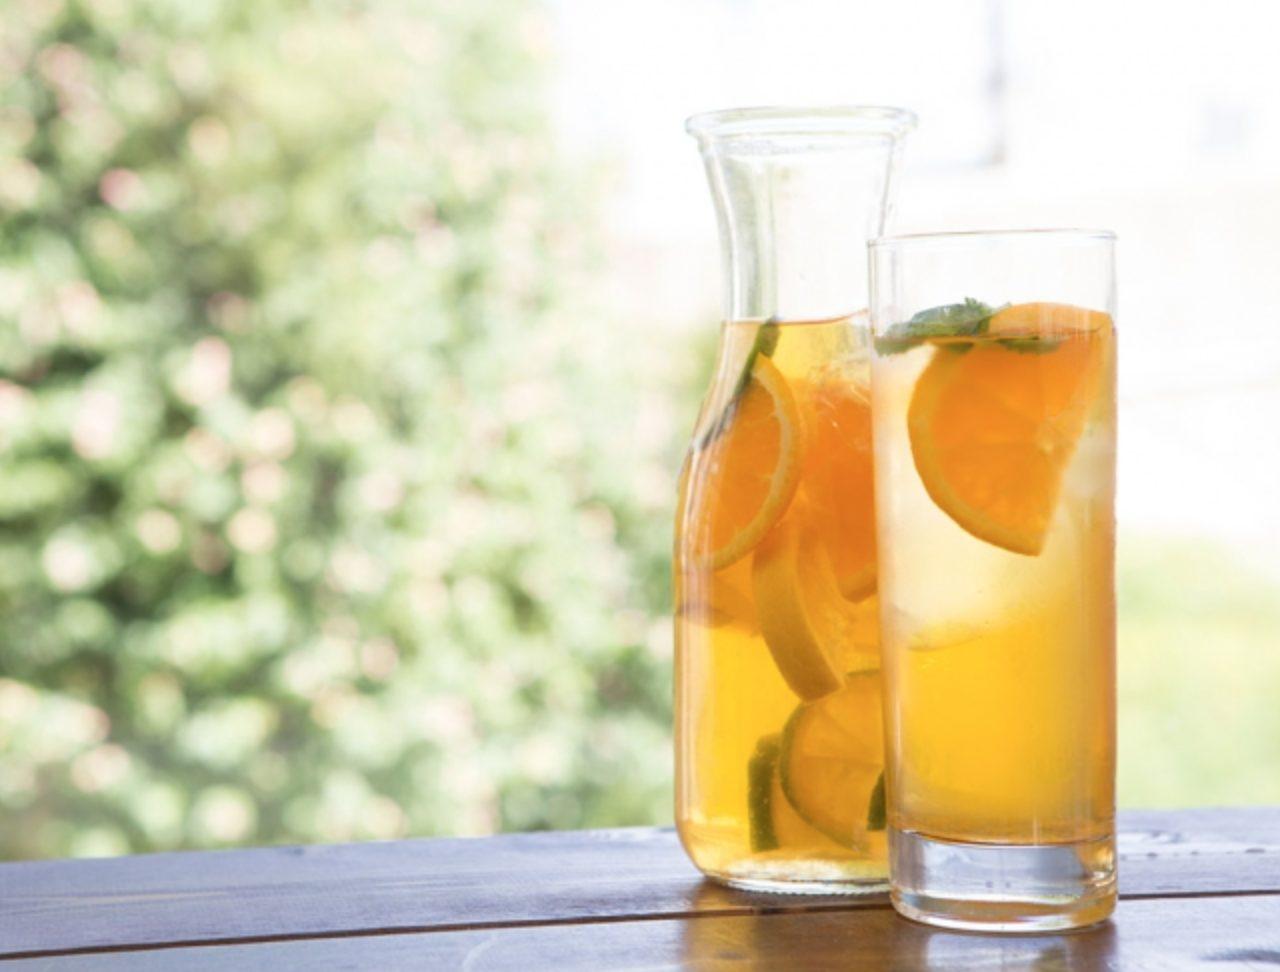 画像3: Lara Republicから希少な茶葉を使用したオーガニックルイボスティーが新発売!